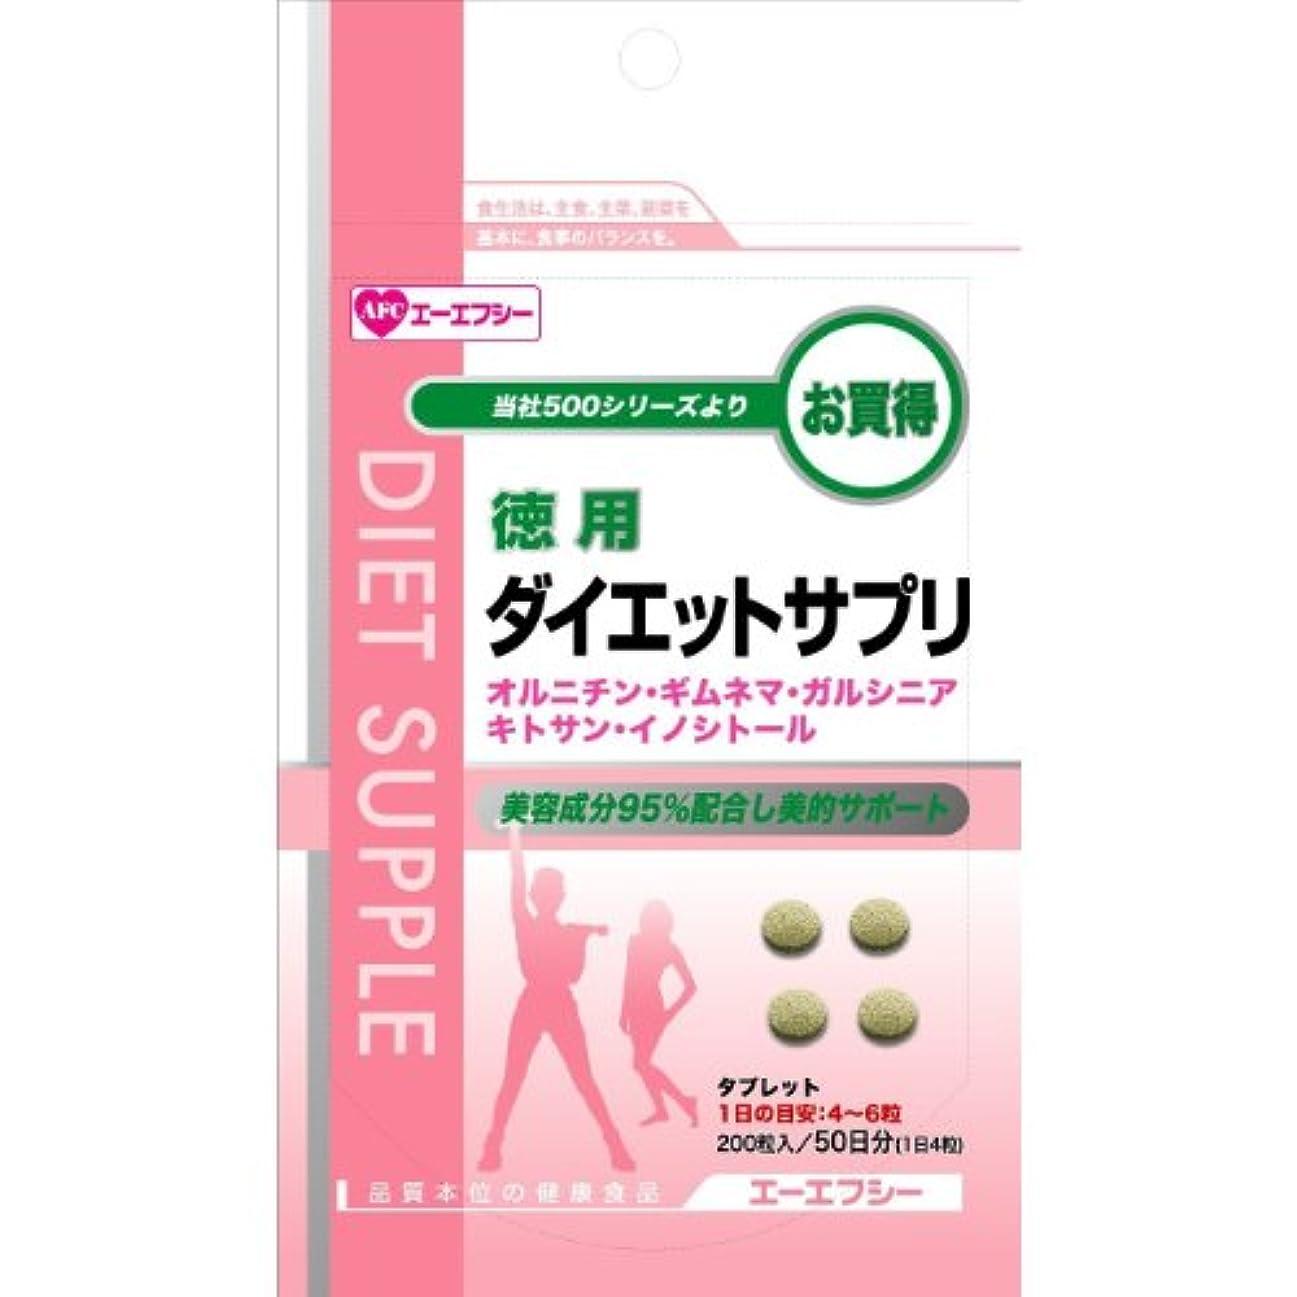 が欲しい同盟リスナーAFC980円シリーズ 徳用 ダイエットサプリ 200粒入 (約50日分)【10袋セット】